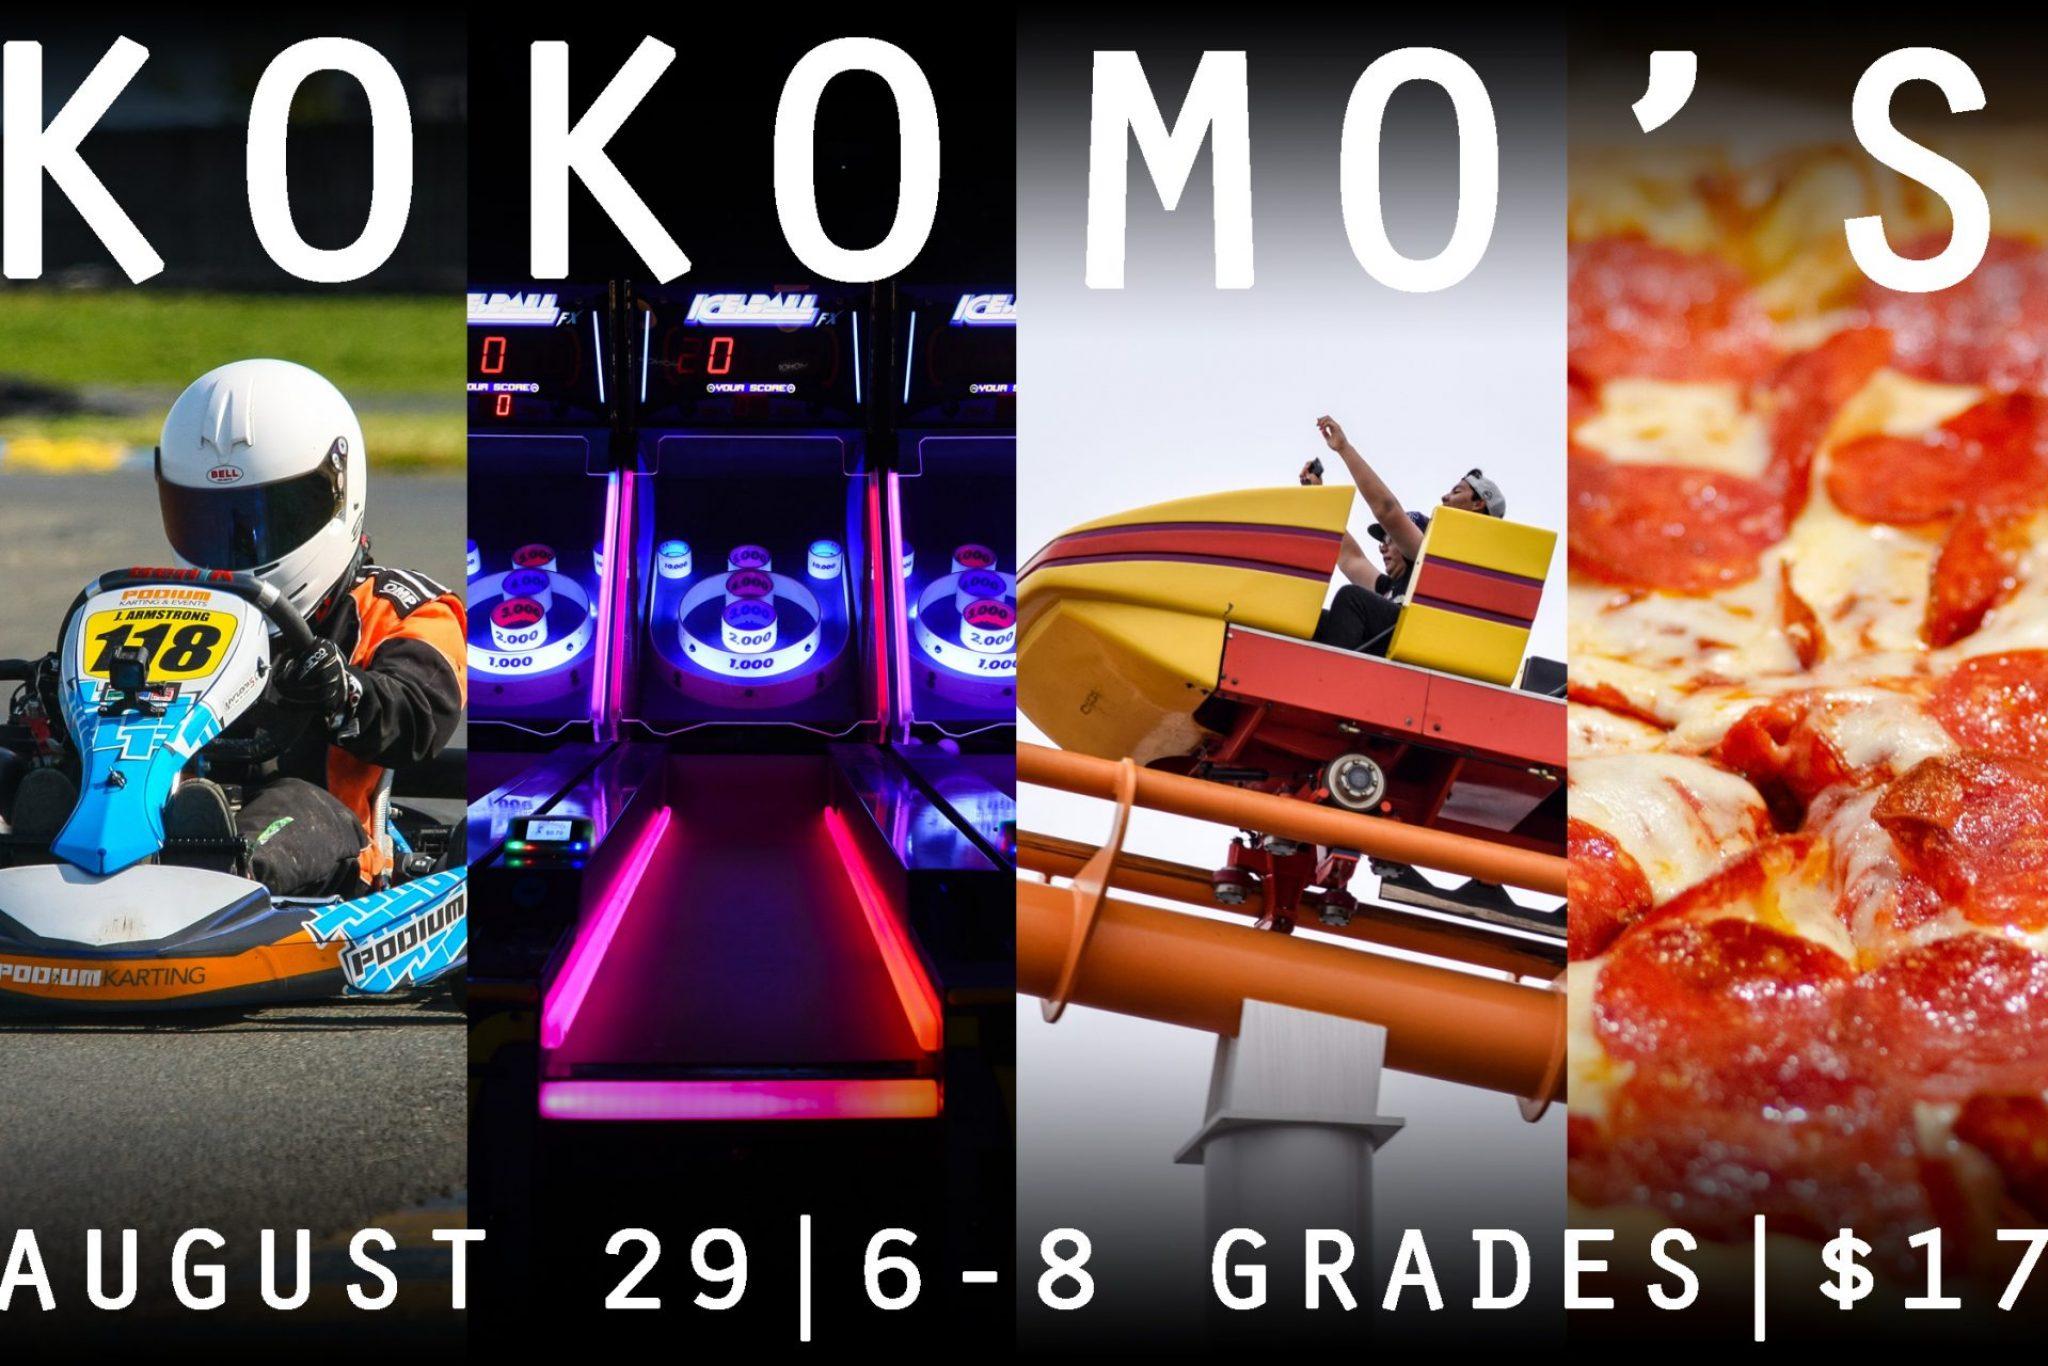 Day at Kokomo's!